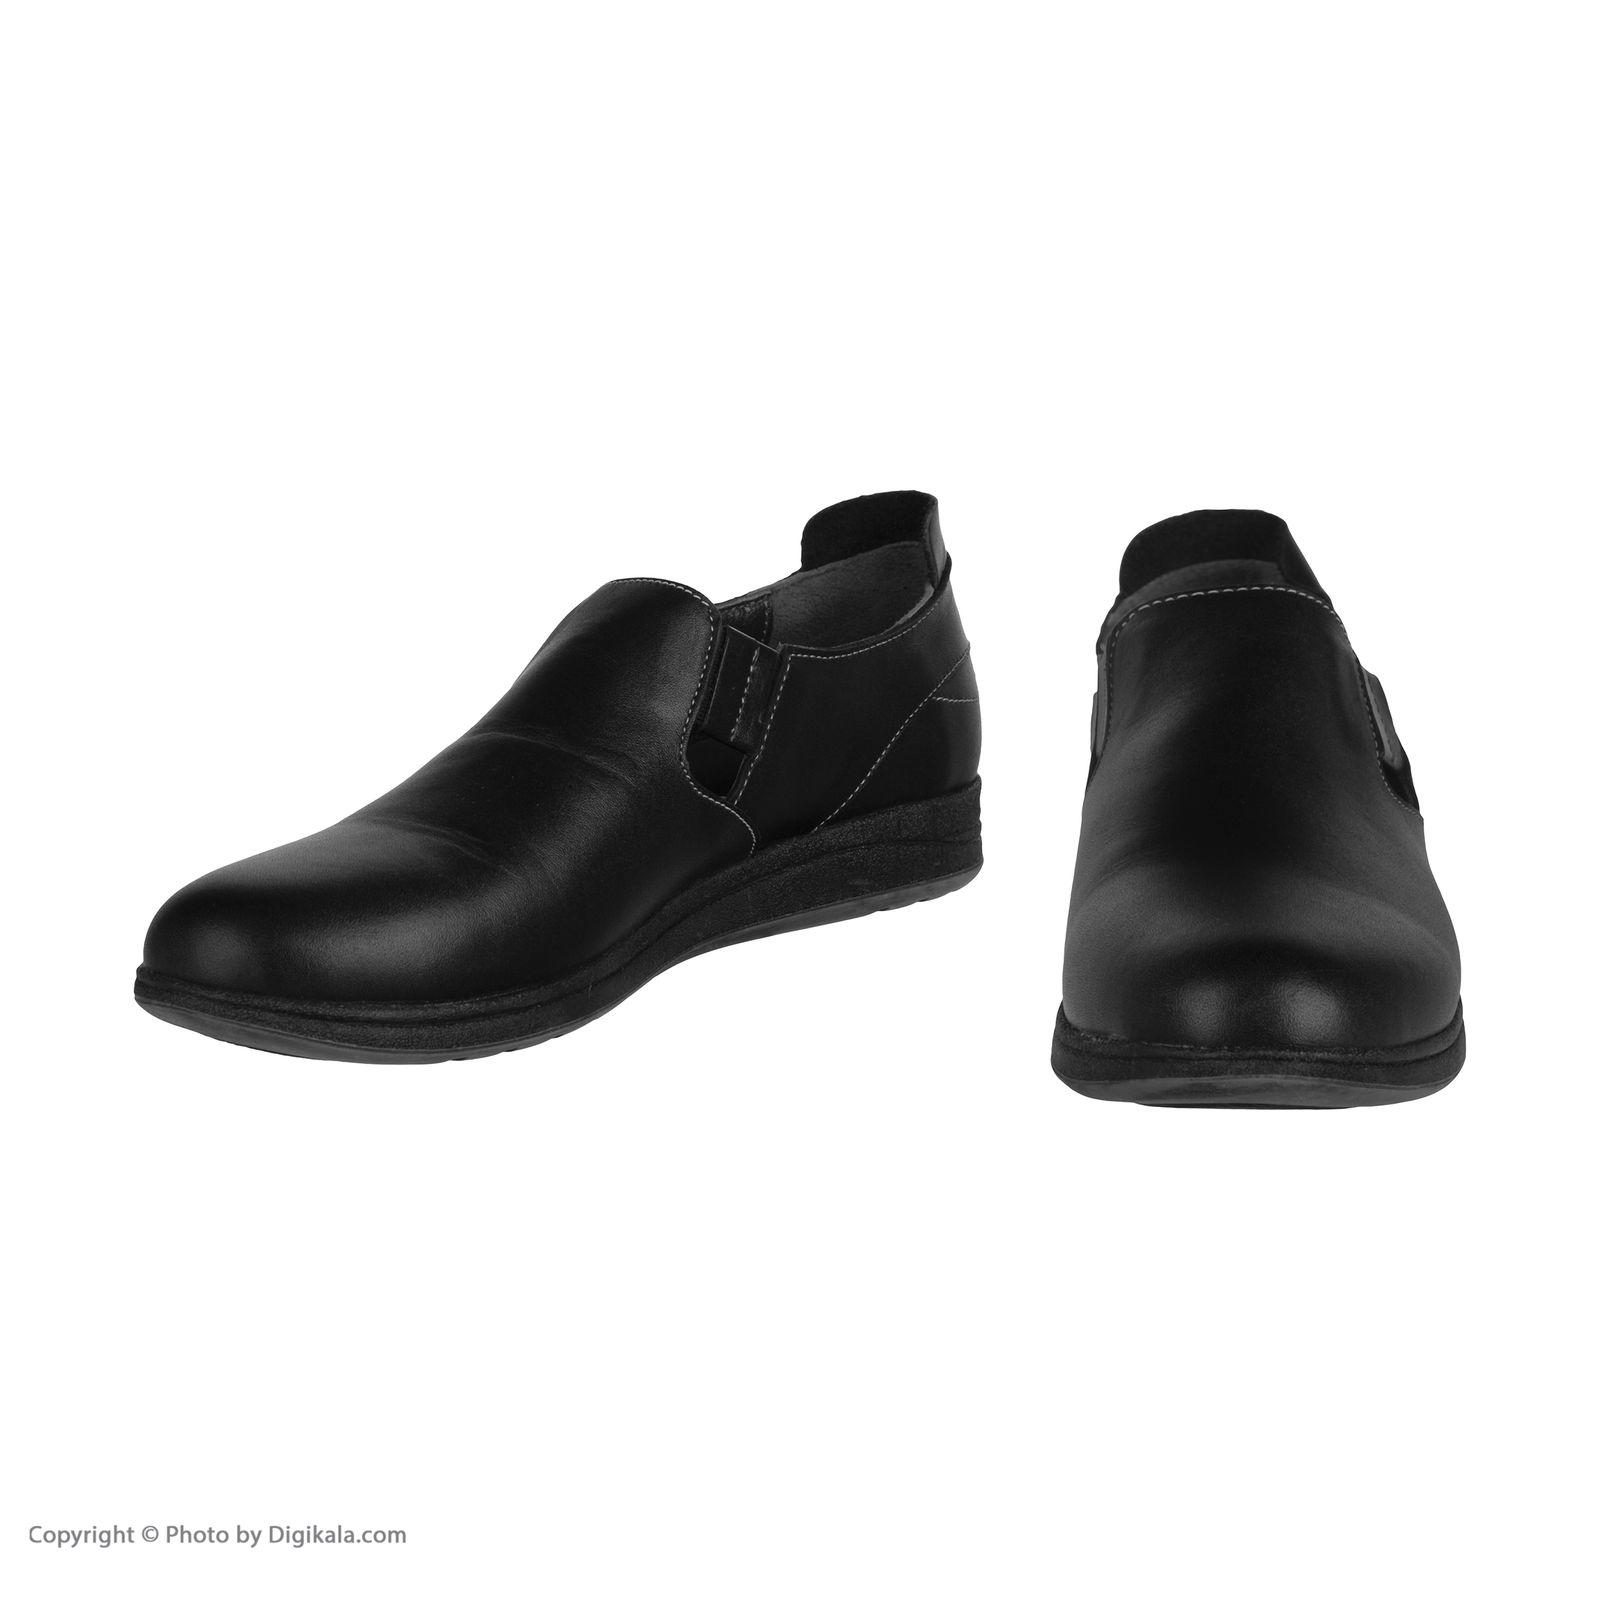 کفش روزمره زنانه سوته مدل 2958C500101 -  - 6